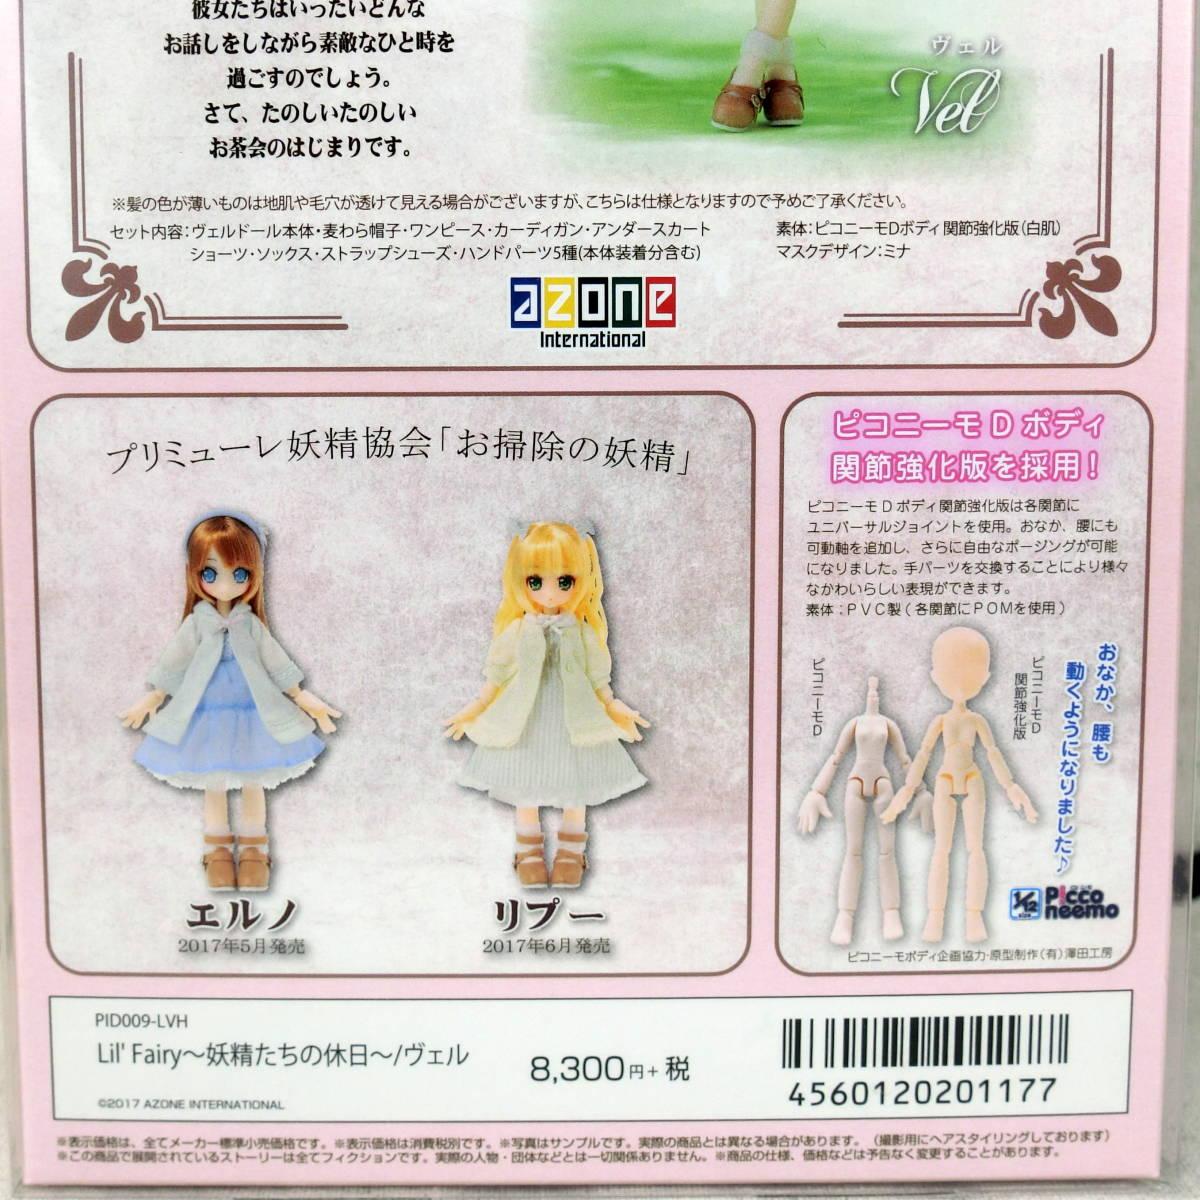 送料無料 未開封新品 アゾン 1/12Lil'Fairy(リルフェアリー)~妖精たちの休日~/ヴェル_画像4